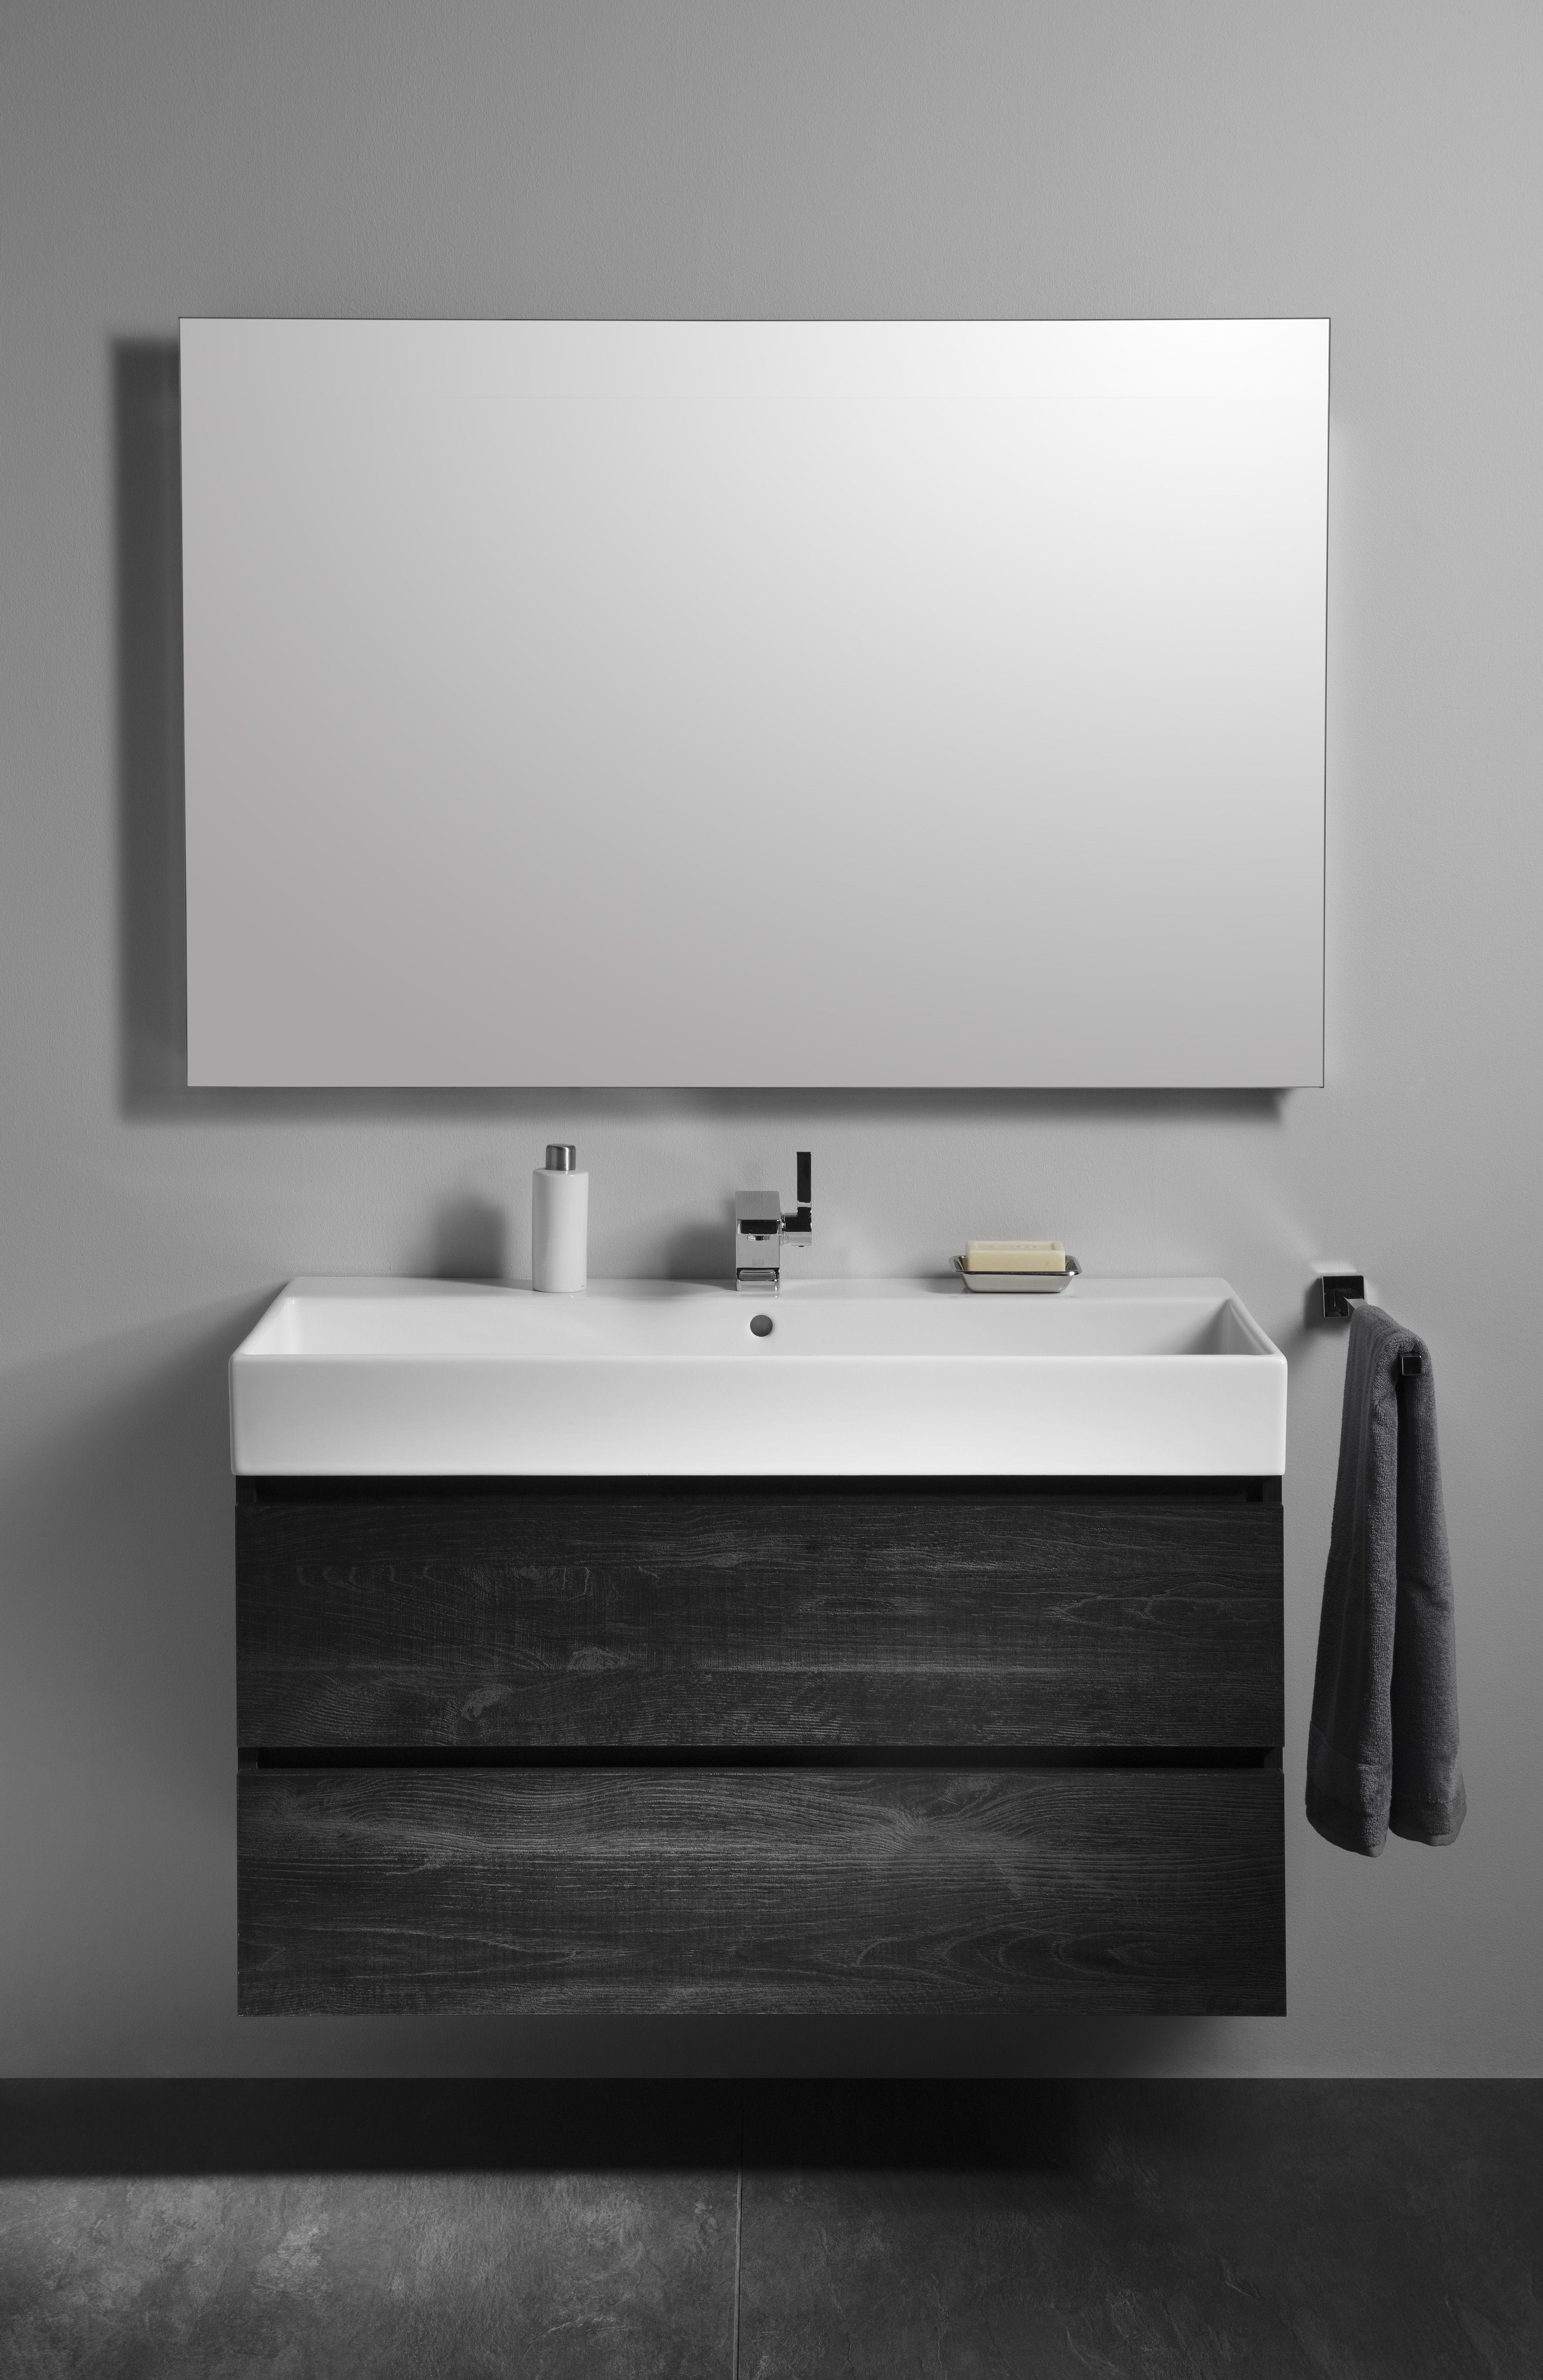 Spiegel Serie Look Unsere Formschonen Badezimmerspiegel Mit